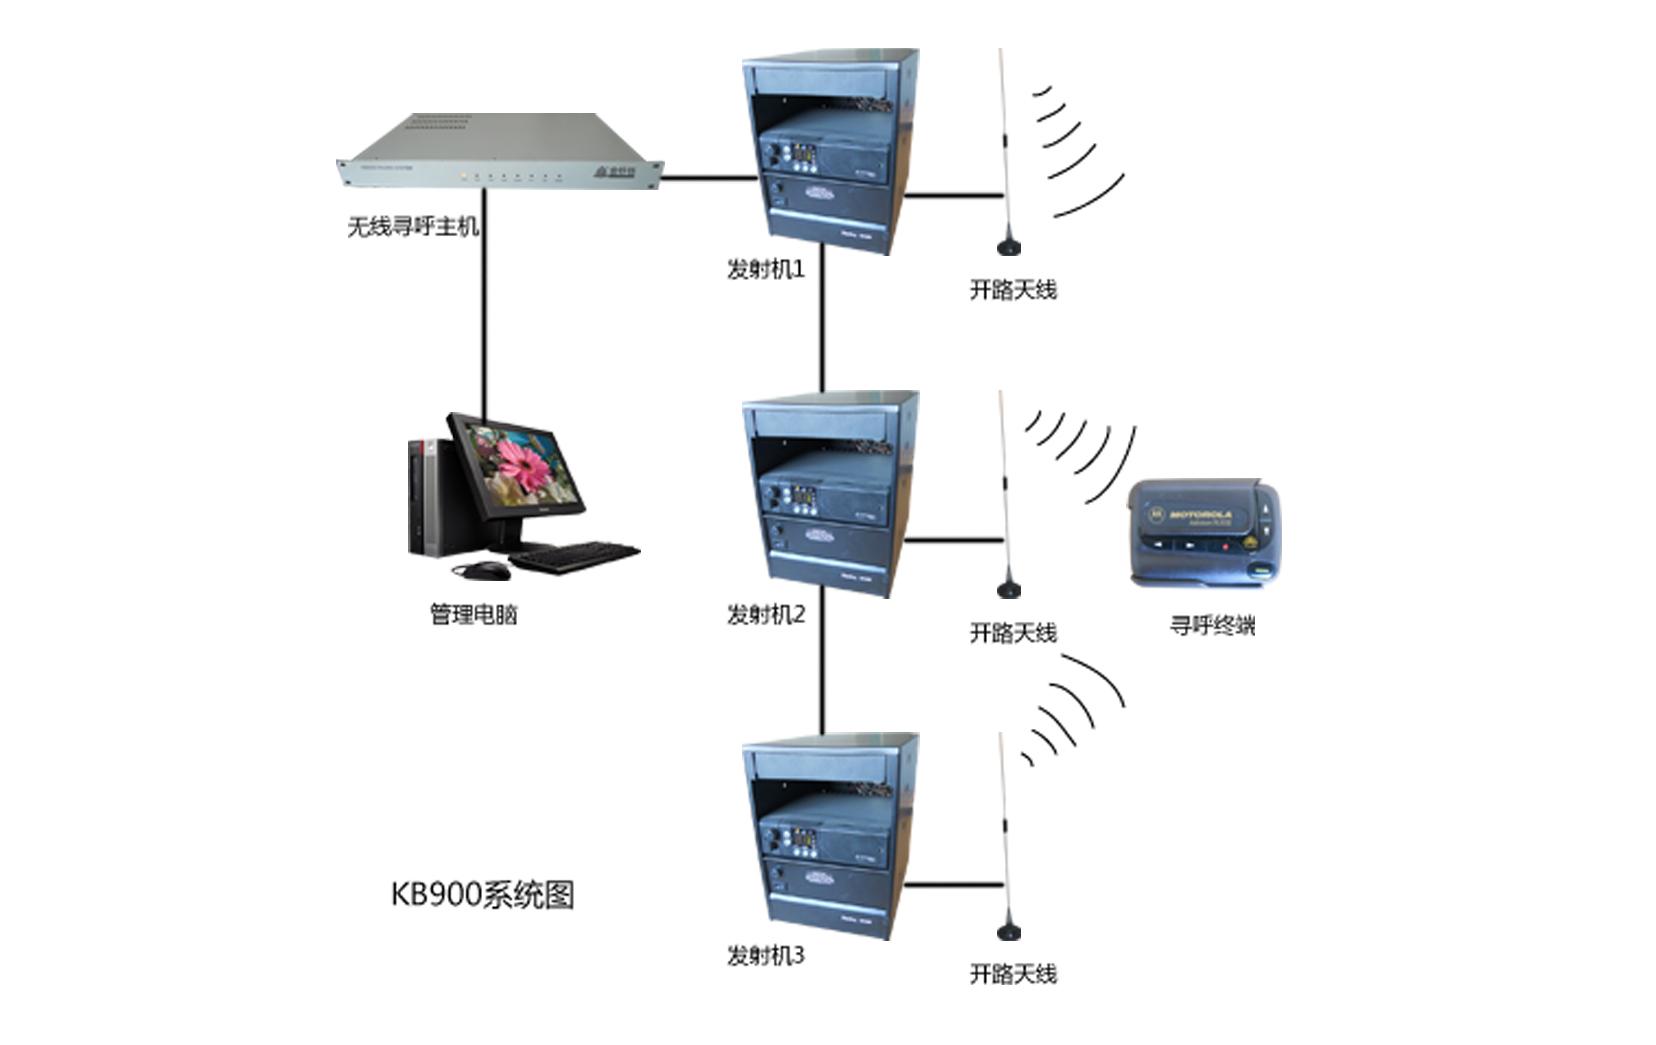 基本功能:同时具备呼叫功能及双向双工对讲功能;信息显示:有呼叫时,主机及走廊吊屏上显示呼叫床位号(2位),无呼叫时,显示当前时间(4位)。当有多只呼叫分机同时呼叫时,主机将显示当前通话的分机号码;如果不...